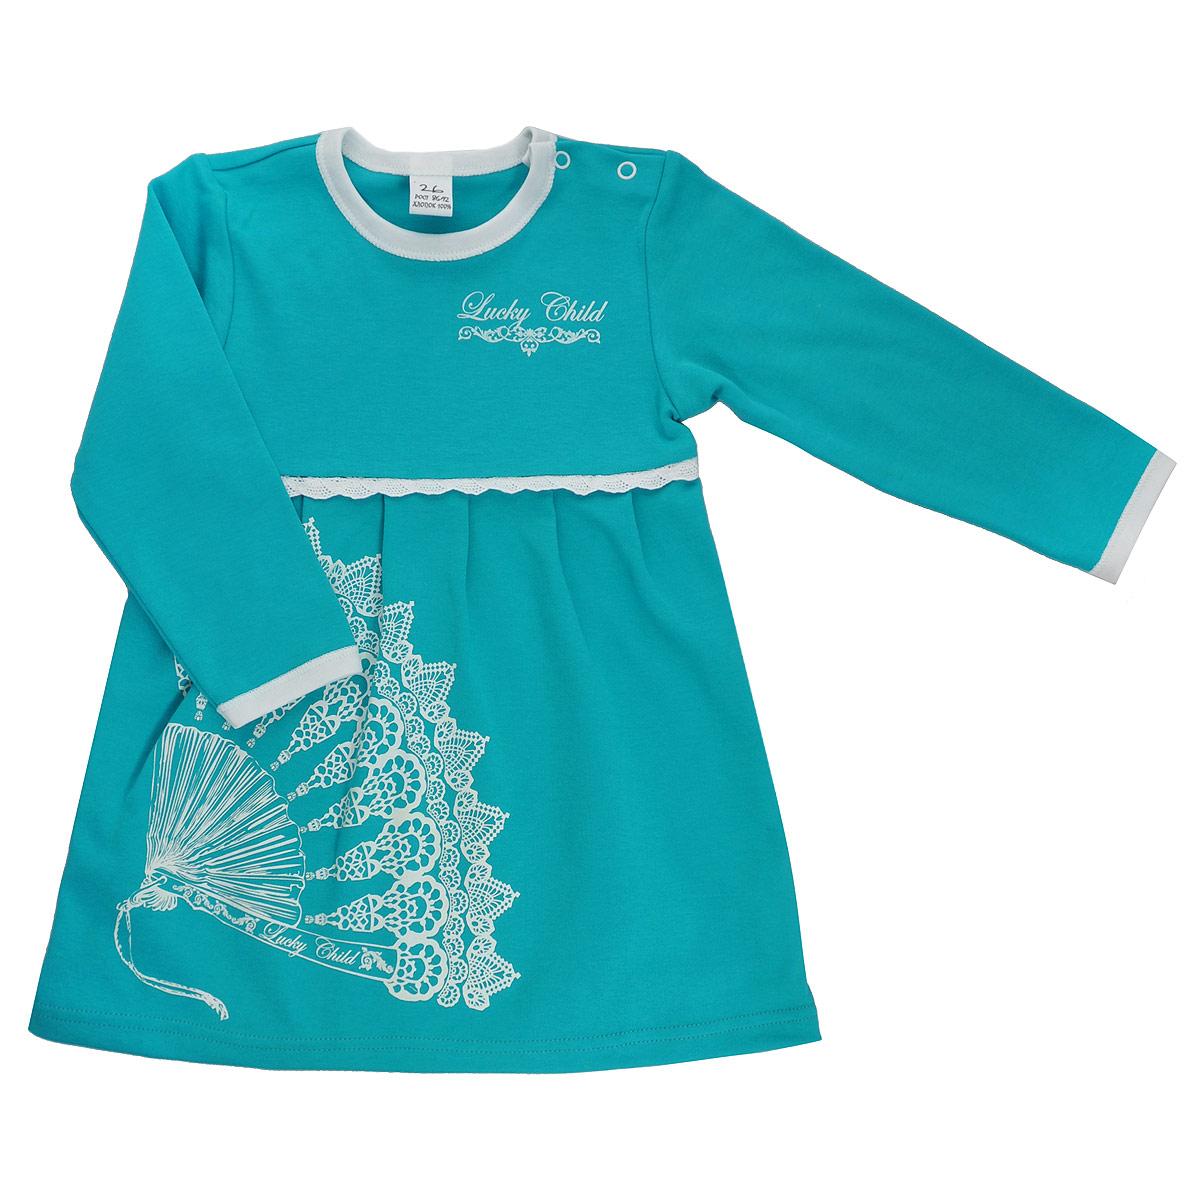 14-6Платье для девочки Lucky Child Ретро послужит идеальным дополнением к гардеробу вашей малышки, обеспечивая ей наибольший комфорт. Изготовленное из натурального хлопка, оно необычайно мягкое и легкое, не раздражает нежную кожу ребенка и хорошо вентилируется, а эластичные швы приятны телу ребенка и не препятствуют его движениям. Платье с длинными рукавами и круглым врезом горловины имеет кнопки по плечу, которые позволяют без труда переодеть малышку. Спереди оно оформлено оригинальным принтом с изображением веера в стиле ретро. Платье полностью соответствует особенностям жизни ребенка в ранний период, не стесняя и не ограничивая его в движениях.